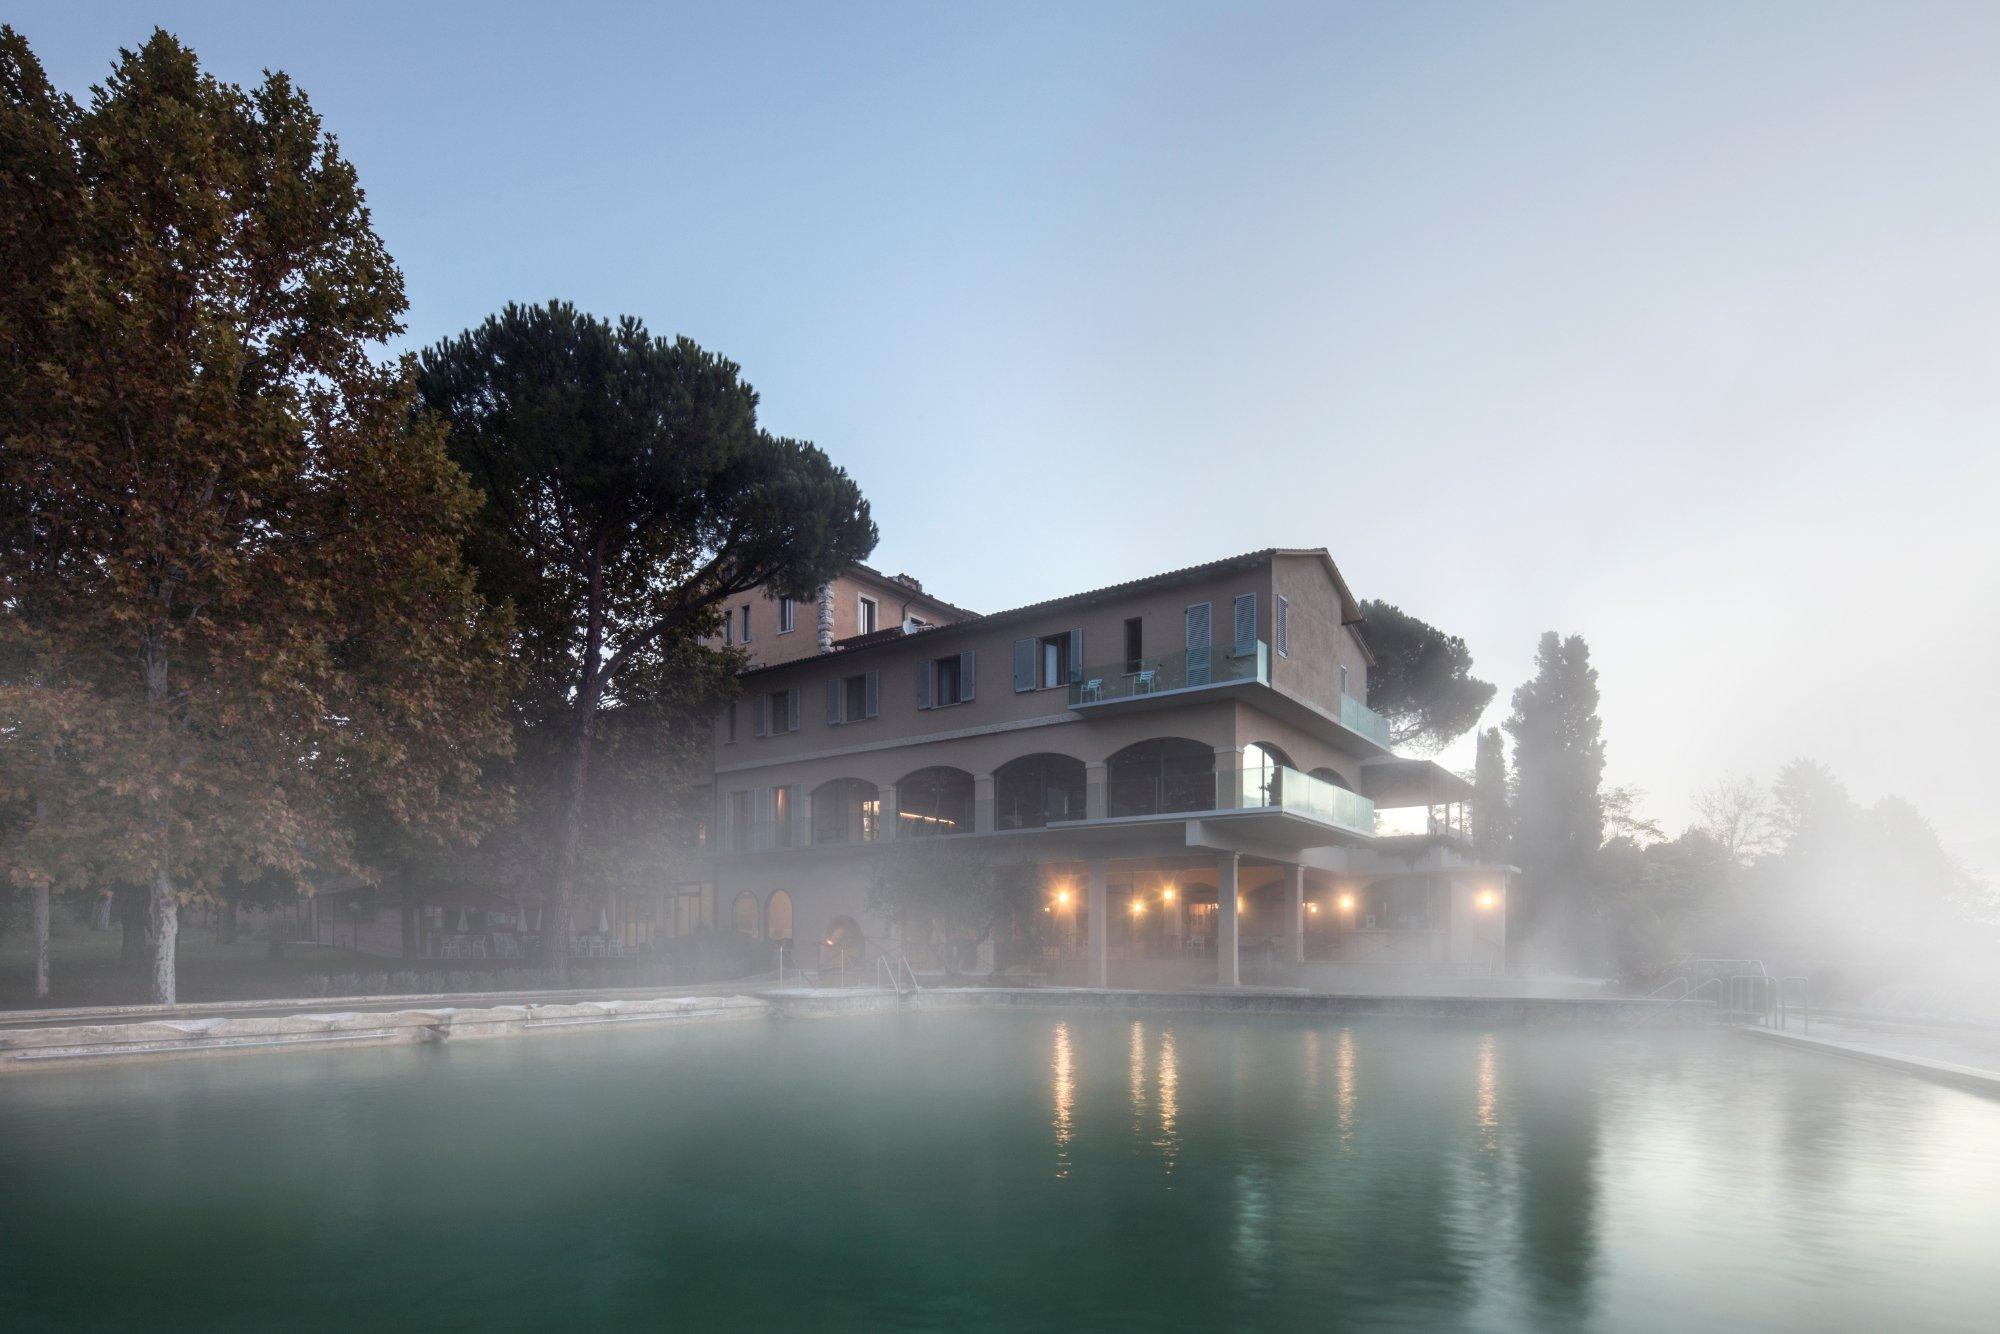 Le terme di posta marcucci a bagno vignoni visit tuscany